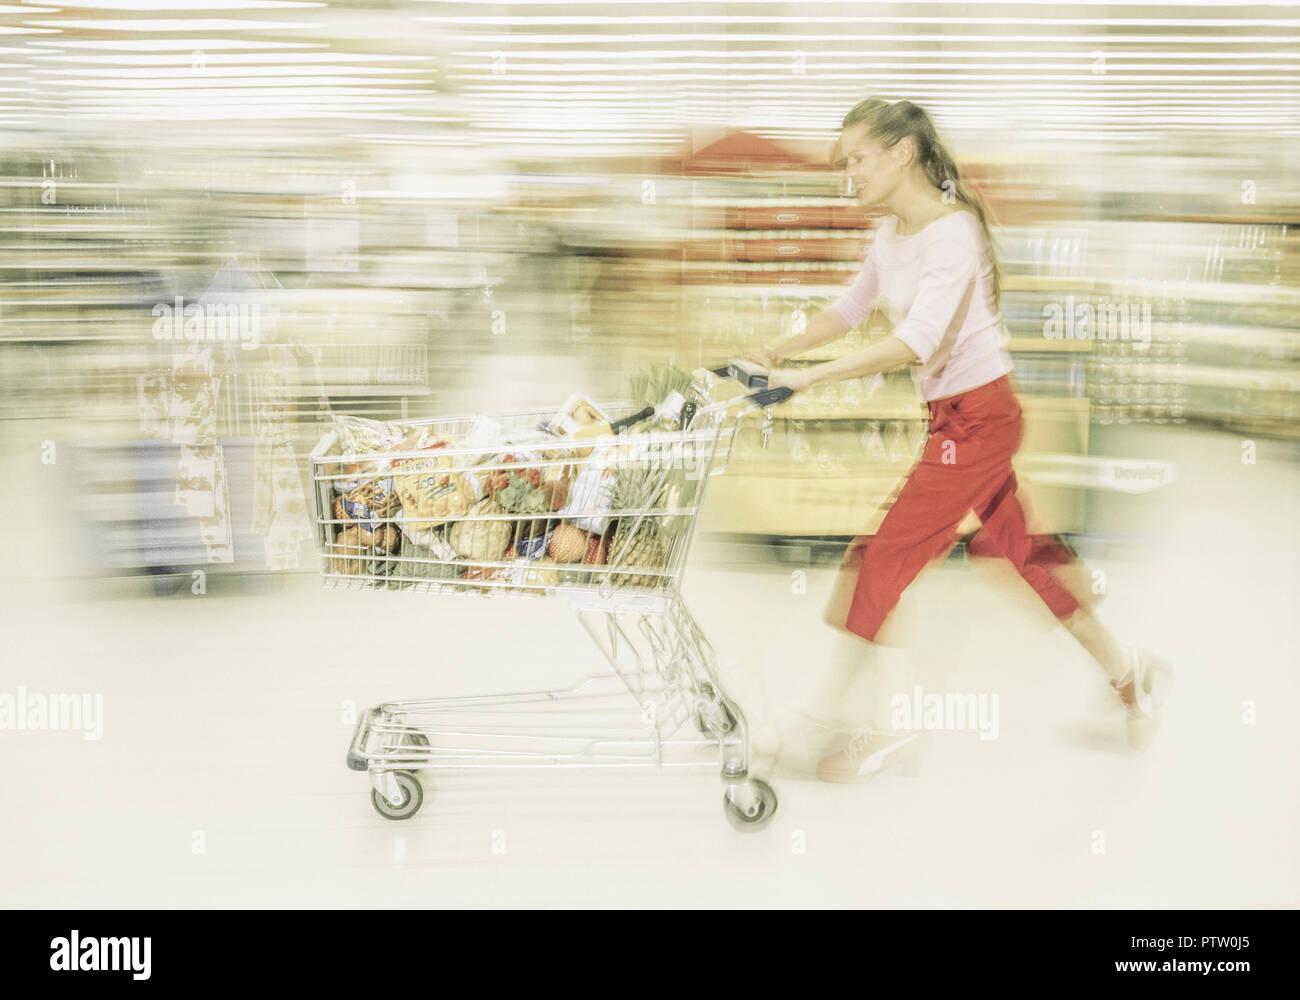 frau laeuft mit einkaufswagen durch supermarkt bewegung model released stock photo 221825469